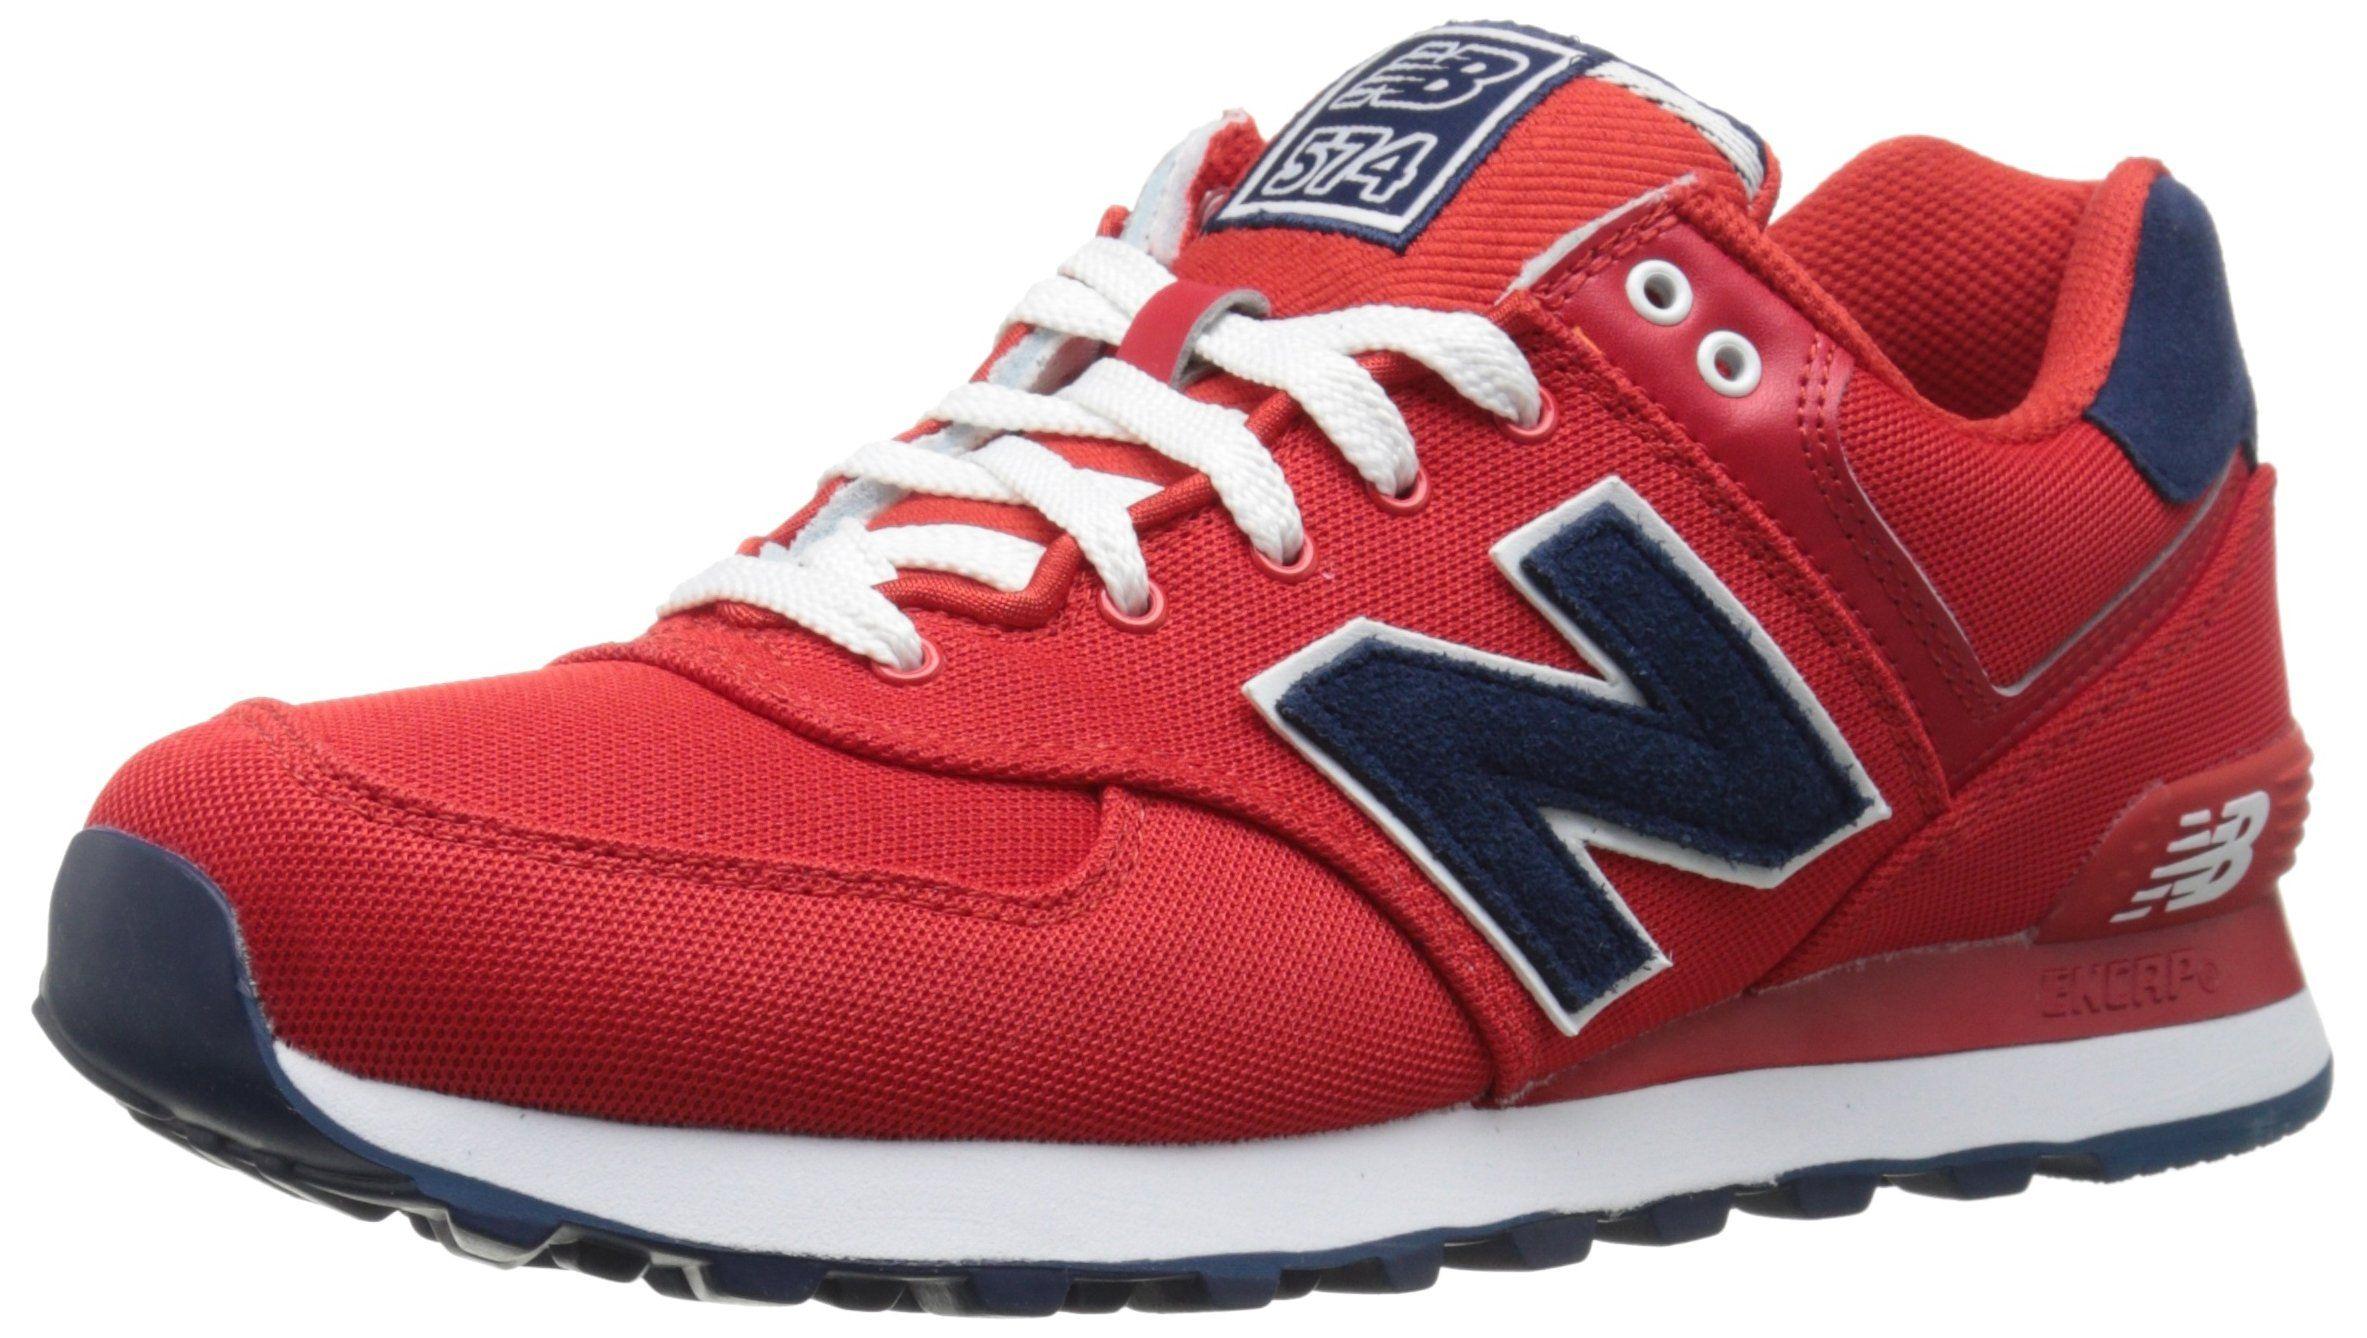 todos los días Fiel Negligencia médica  Amazon.com: New Balance Women's WL574 Pique Polo Collection Running Shoe:  Clothing | New balance walking shoes, New balance, New balance 574